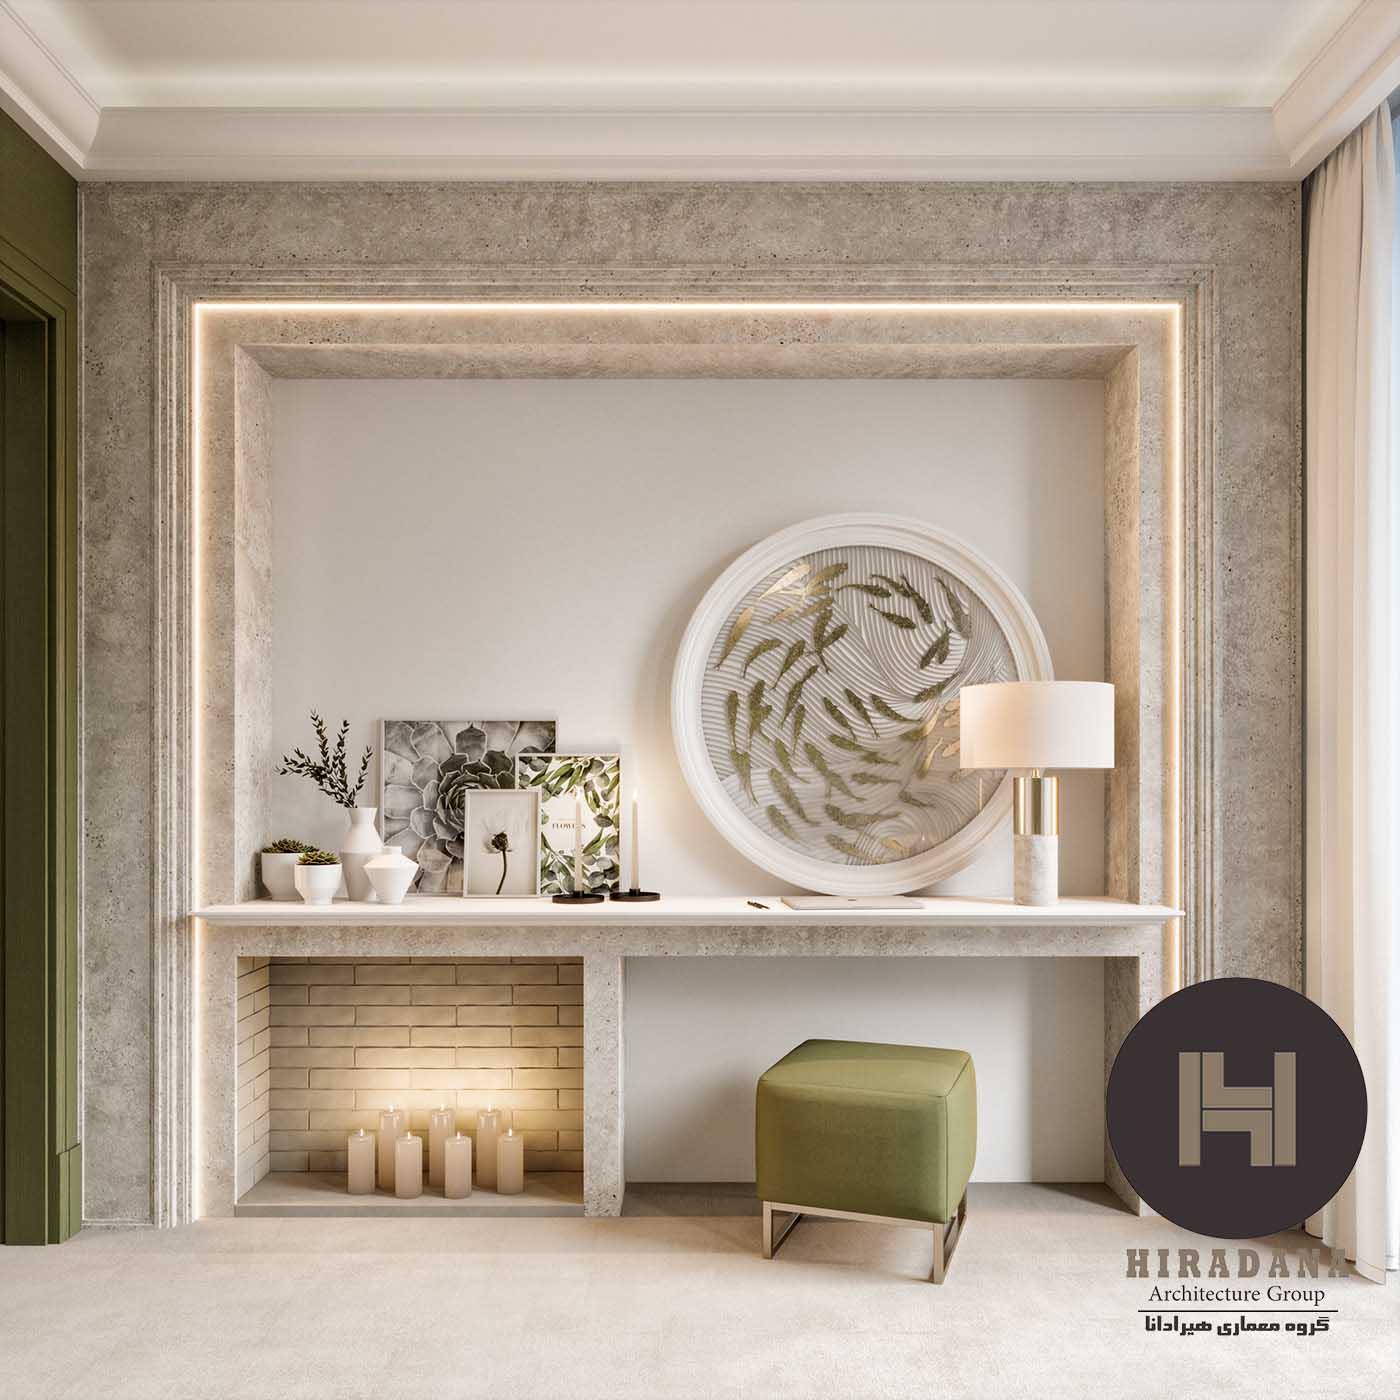 طراحی دکوراسیون اتاق خواب مستر کلاسیک